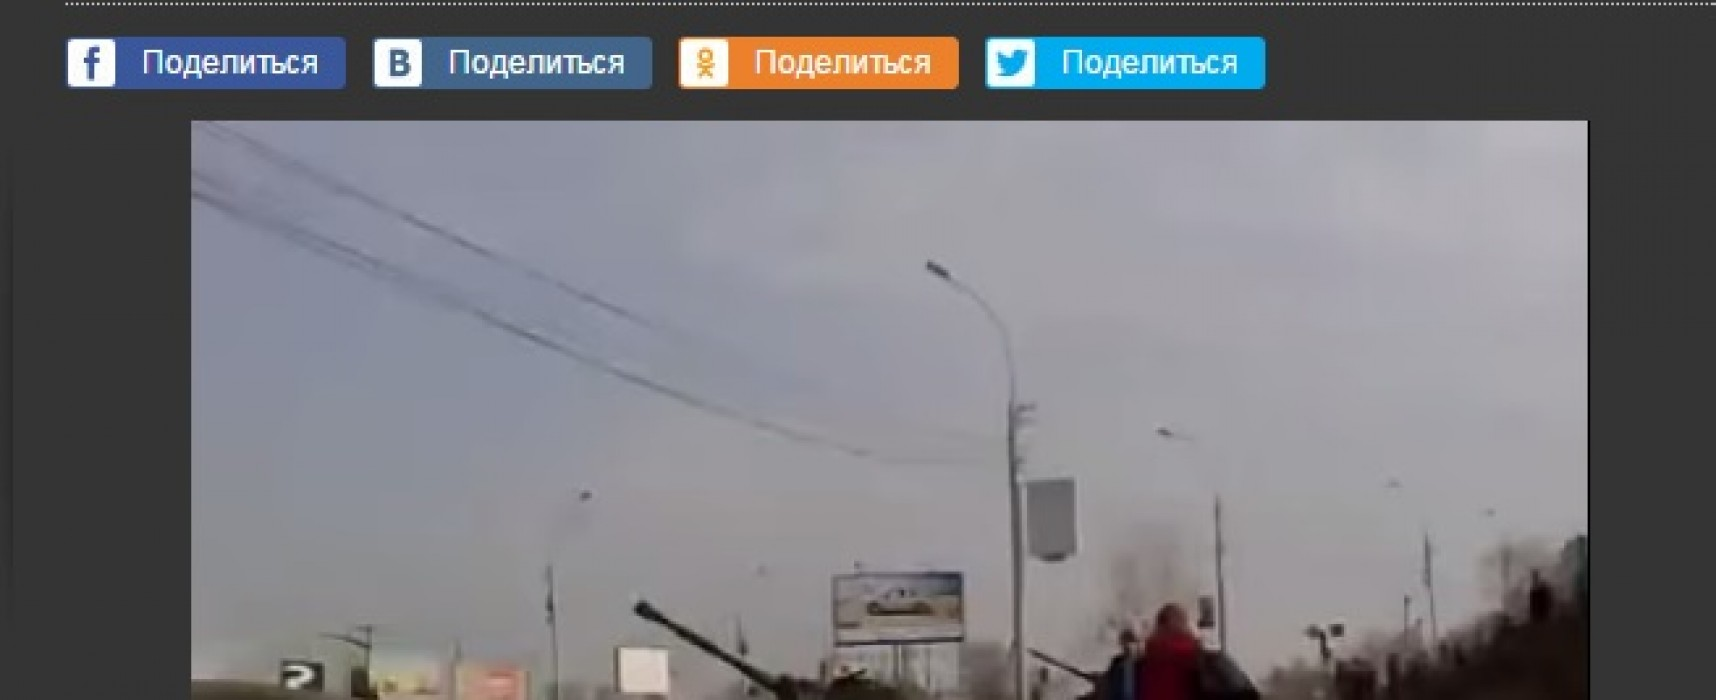 Украинские СМИ использовали фейковое видео для доказательства артстрельбы в Донецке